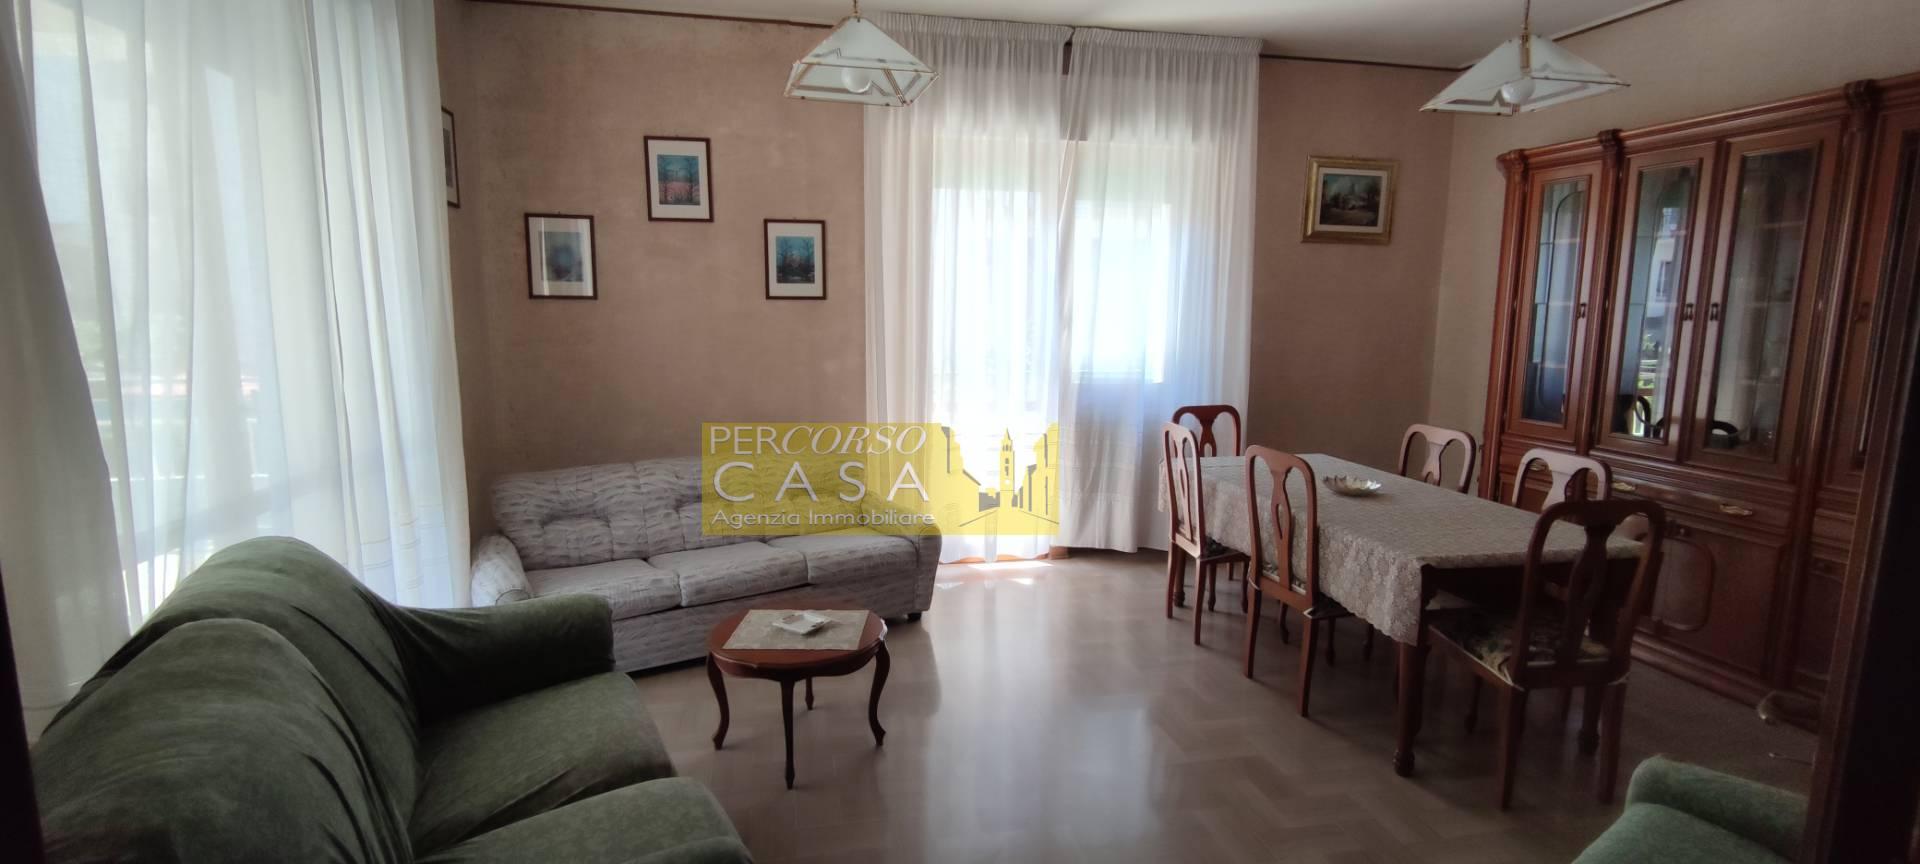 Appartamento in vendita a Teramo, 7 locali, zona ro, prezzo € 79.000 | PortaleAgenzieImmobiliari.it